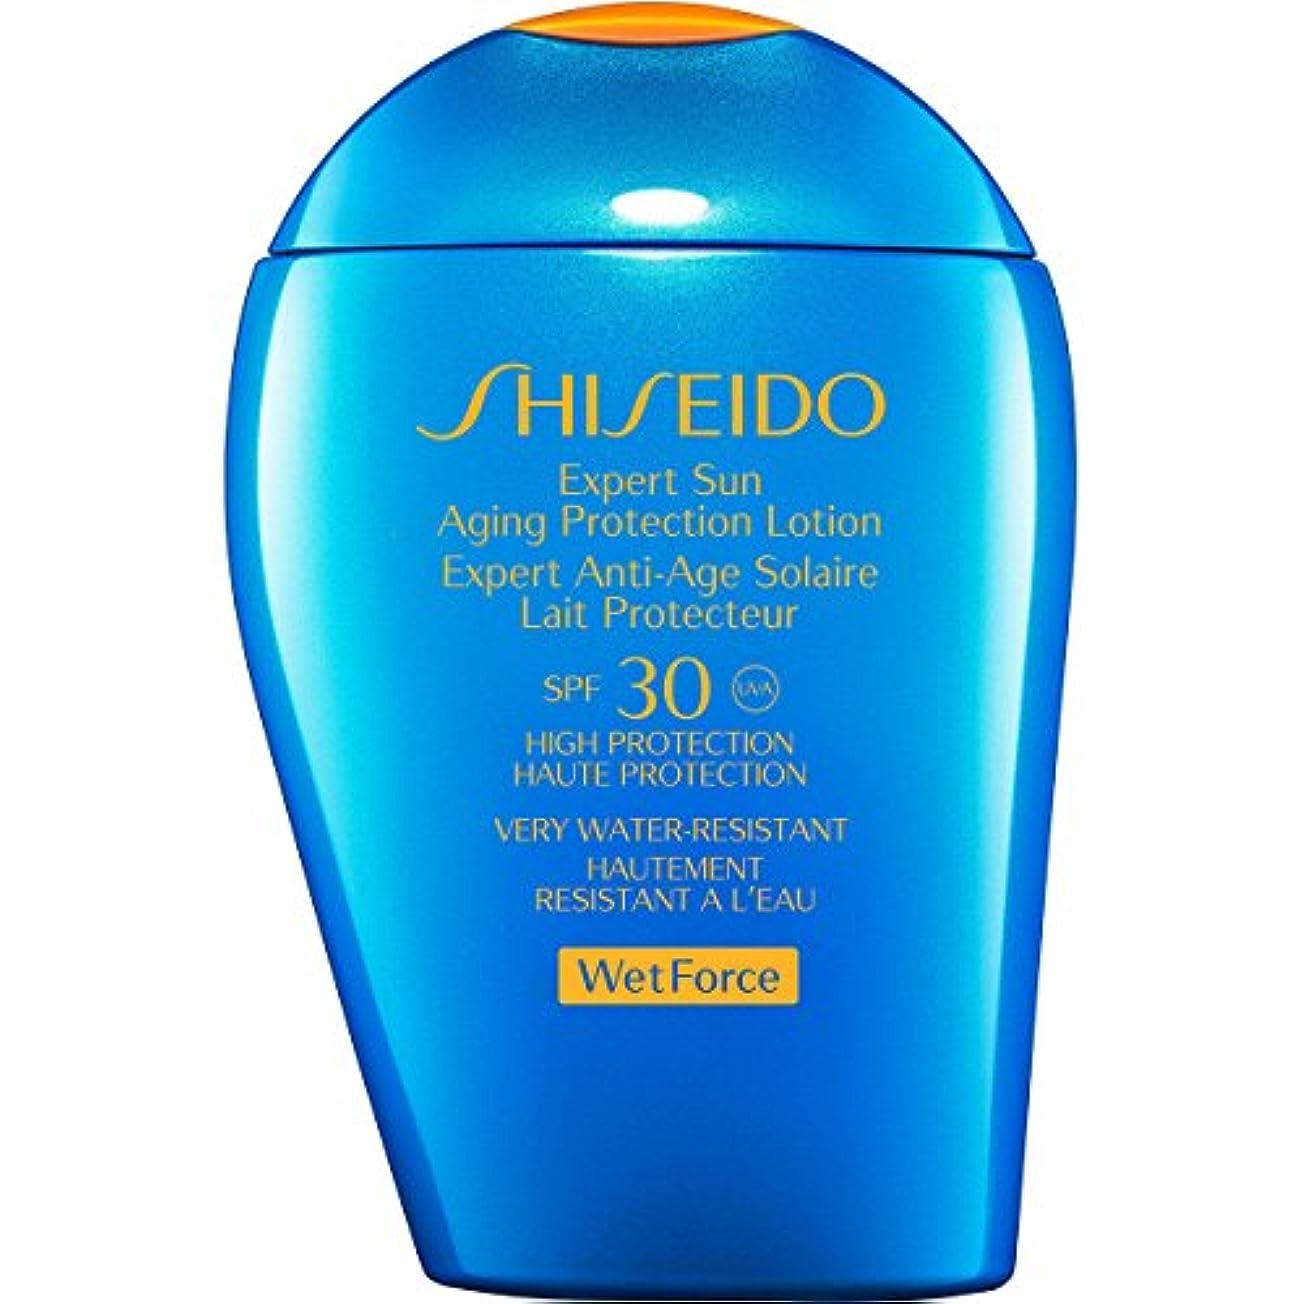 予測子アジテーション抵当Shiseido - 資生堂の老化エキスパート日PROT。ロットF30 - 【並行輸入品】